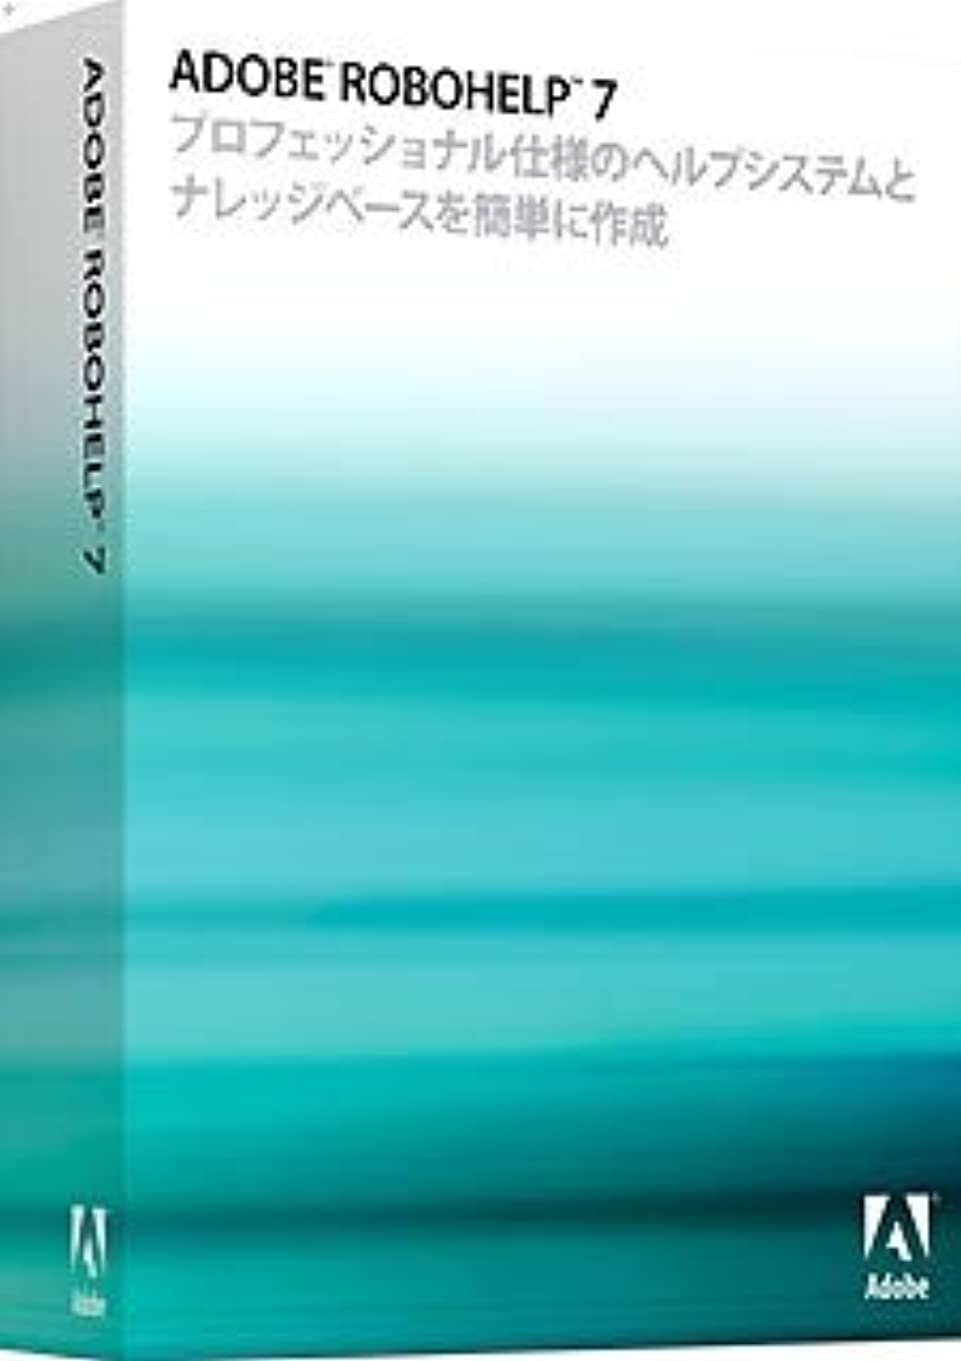 ストライドスリルラウズAdobe RoboHelp 7.0 日本語版 アップグレード版(FR RBHP6 JPL/ IE) Windows版